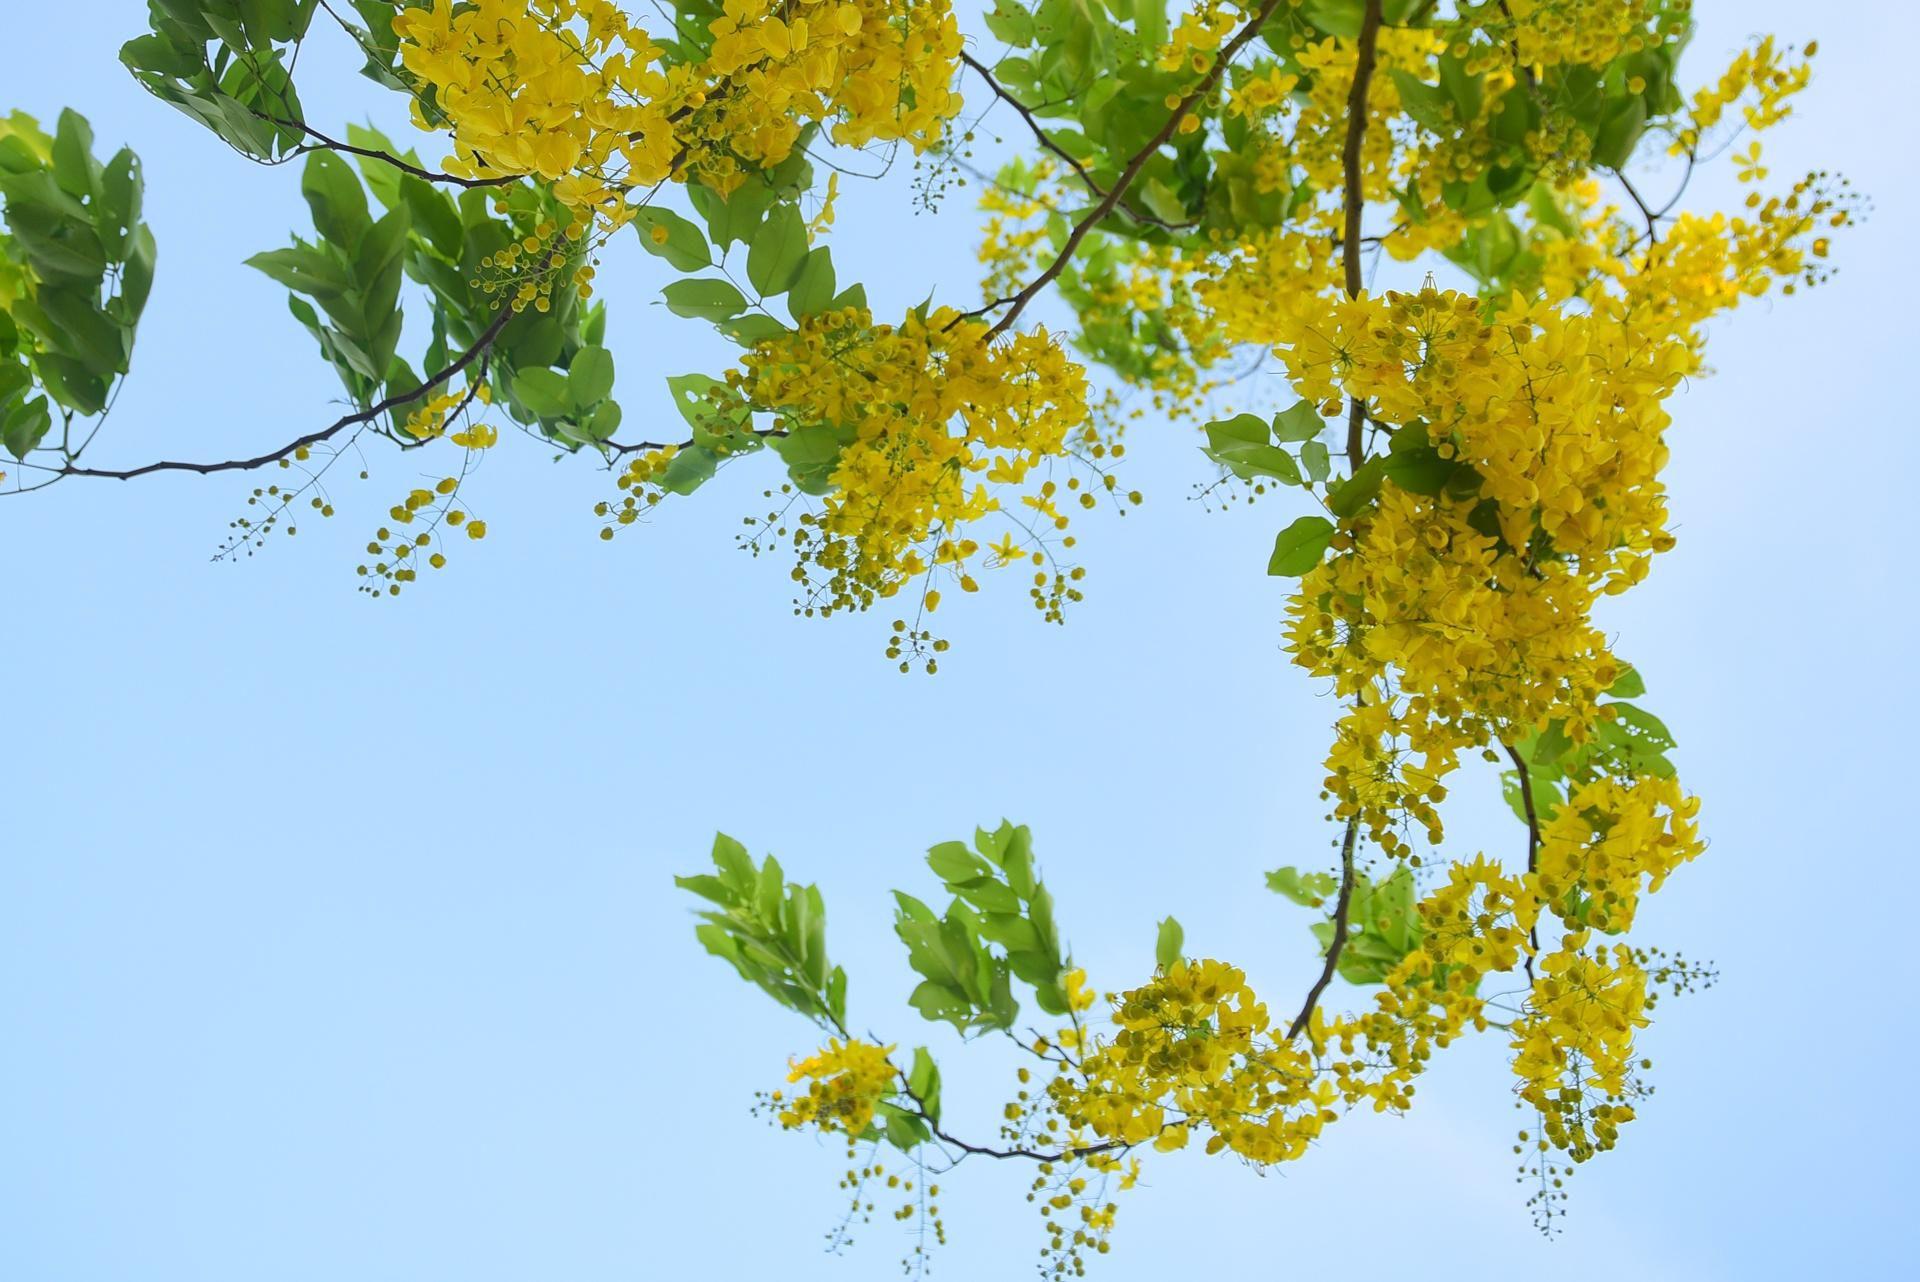 Hà Nội nơi đỏ rực rỡ nhờ hoa phượng, chỗ dát vàng bởi muồng hoàng yến Ảnh 13